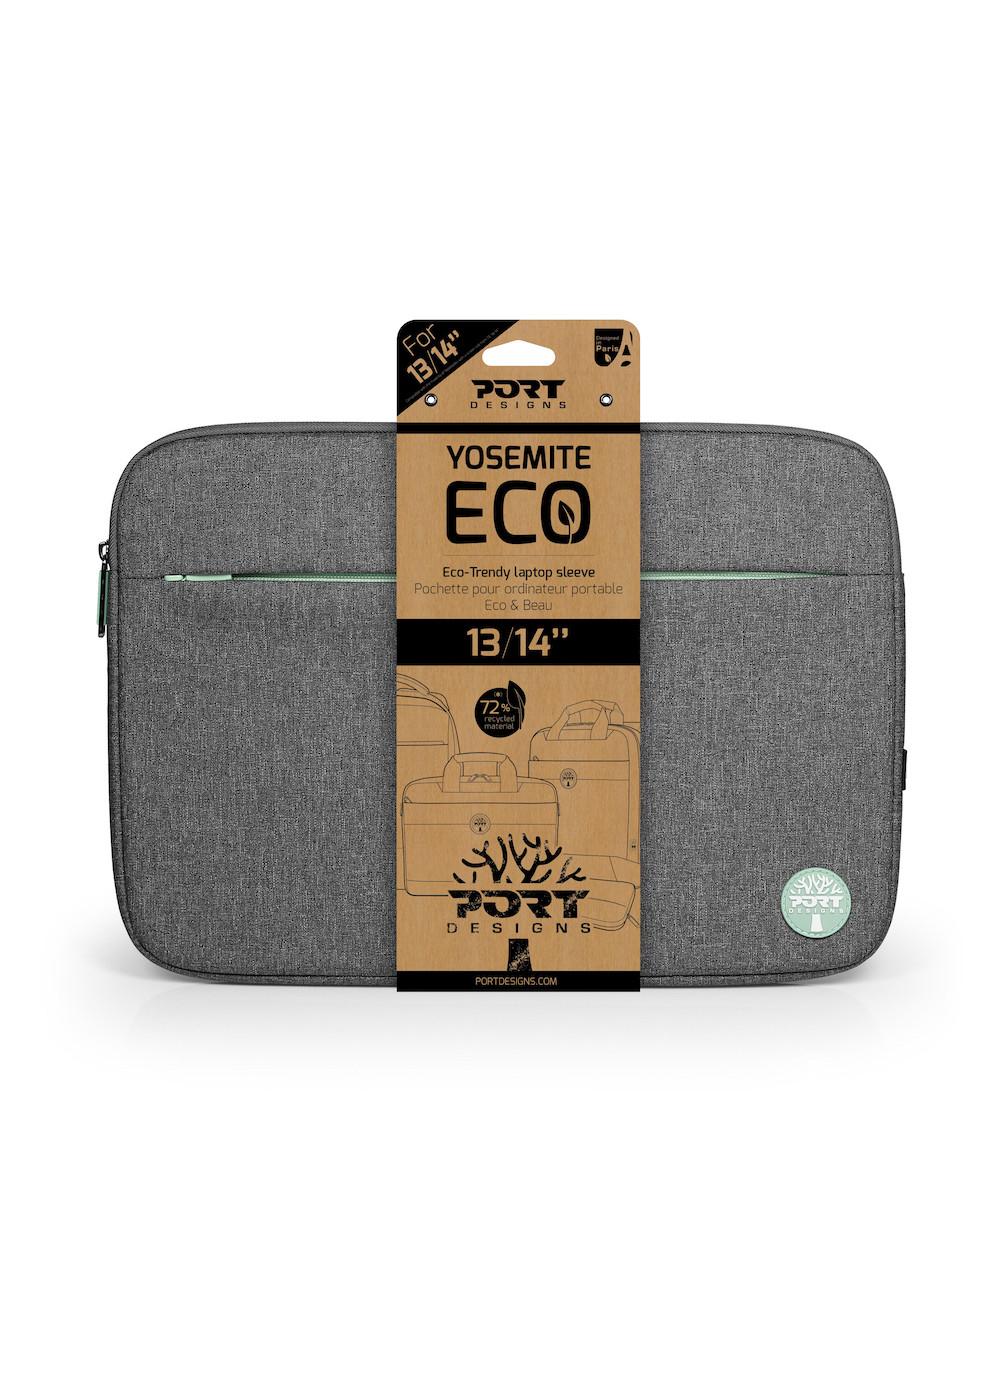 PORT Designs YOSEMITE Eco - Schutzhülle - 39,6 cm (15.6 Zoll) - 238 g